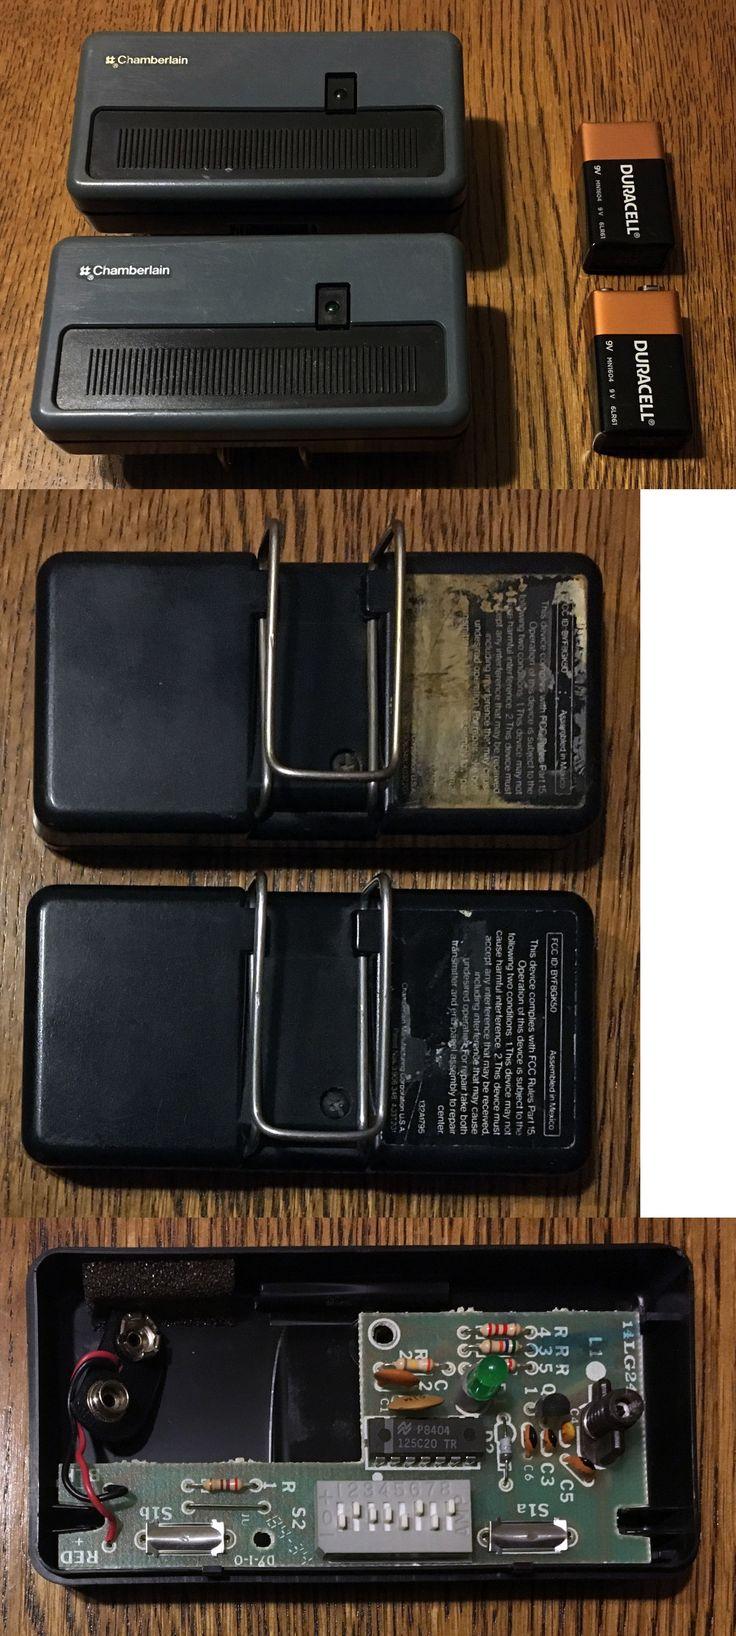 Garage Door Remotes 85899: Chamberlain Garage Door Opener Remotes X2 132A1795 -> BUY IT NOW ONLY: $30 on eBay!